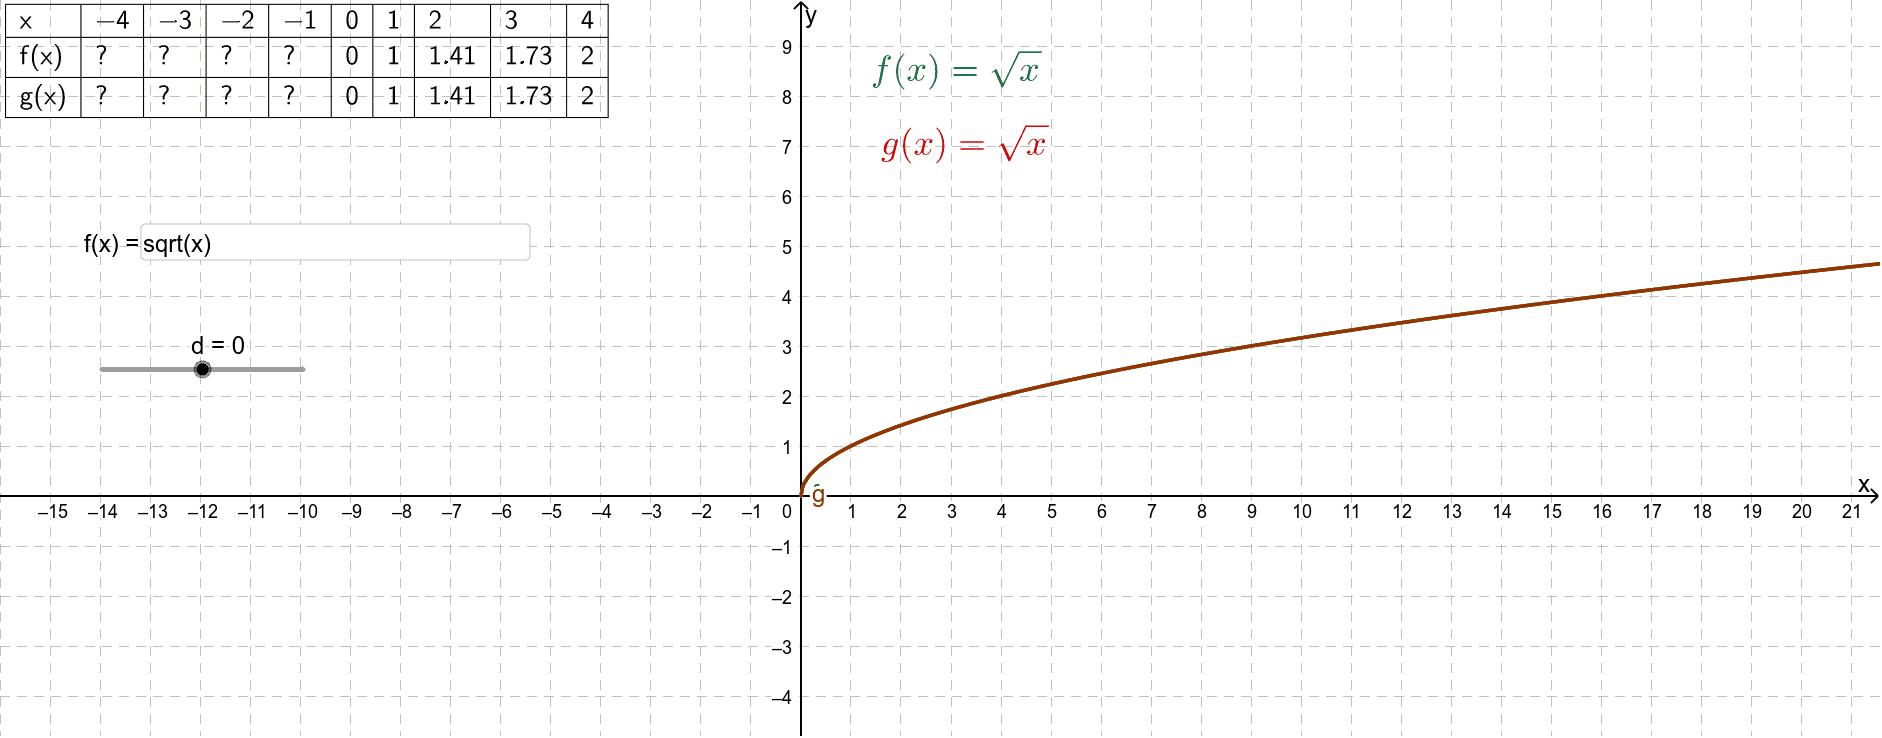 Wijzig met de schuifknop de waarde van d. In het invulvak kun je een andere elementaire functie invoeren.